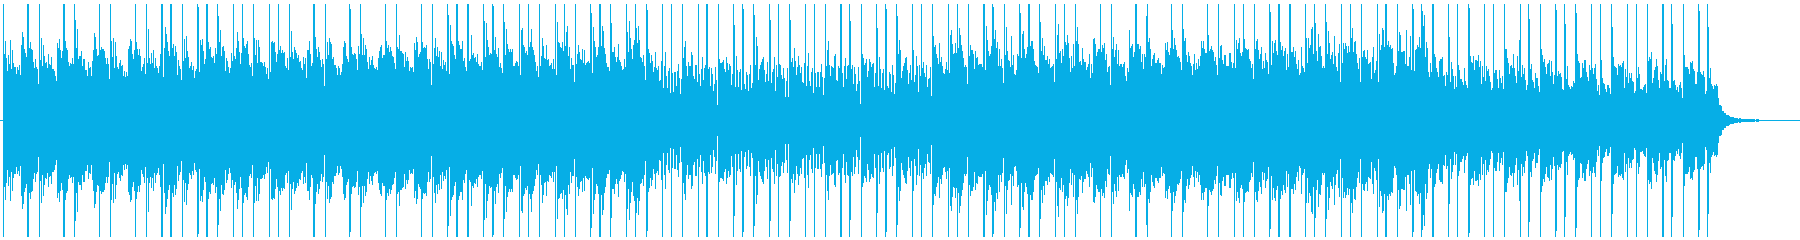 空撮-森-登山-宇宙-空-ゆったり-PVの再生済みの波形